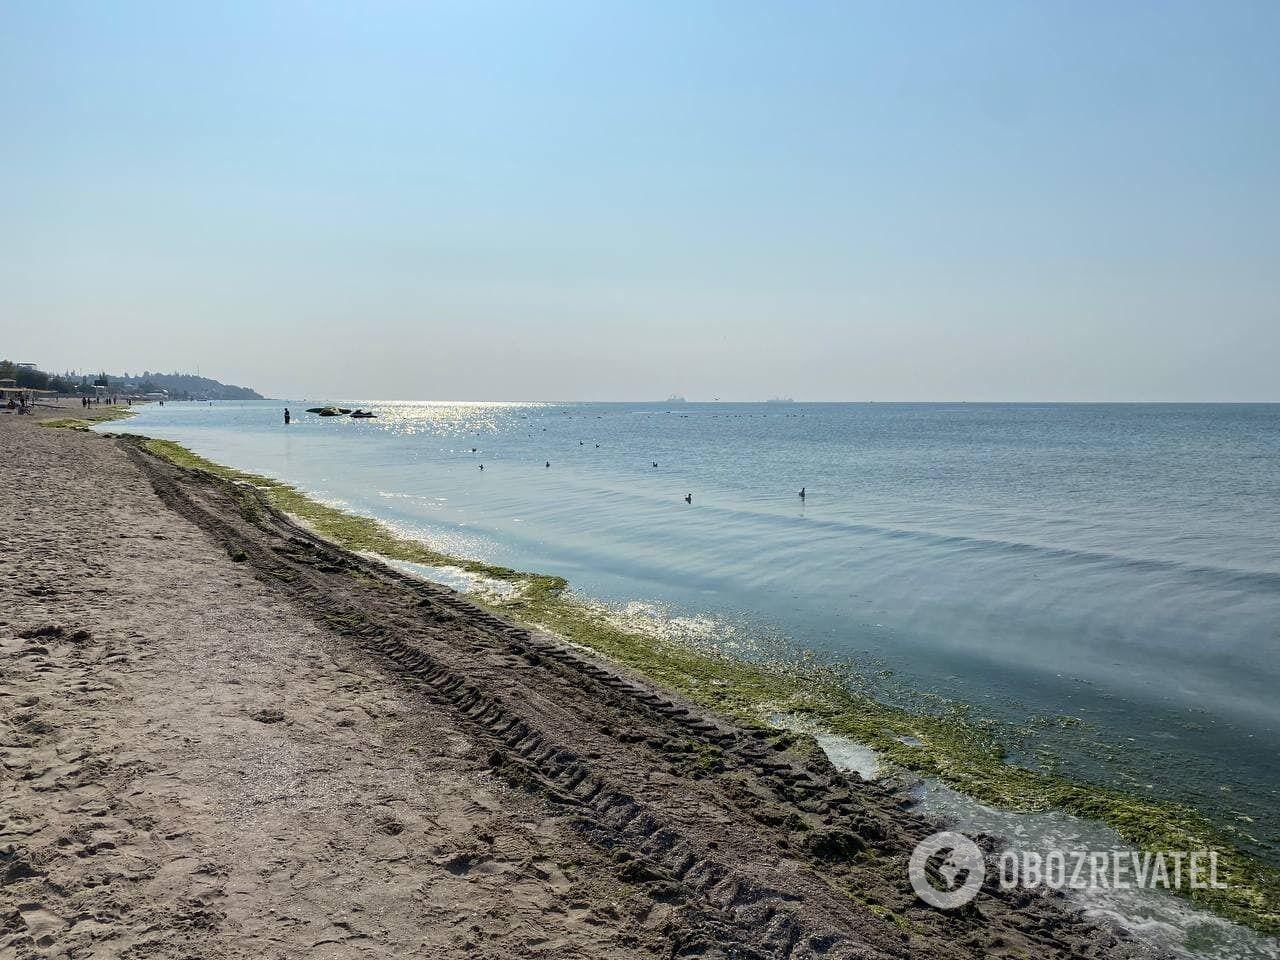 Как сейчас выглядит пляж Коблево